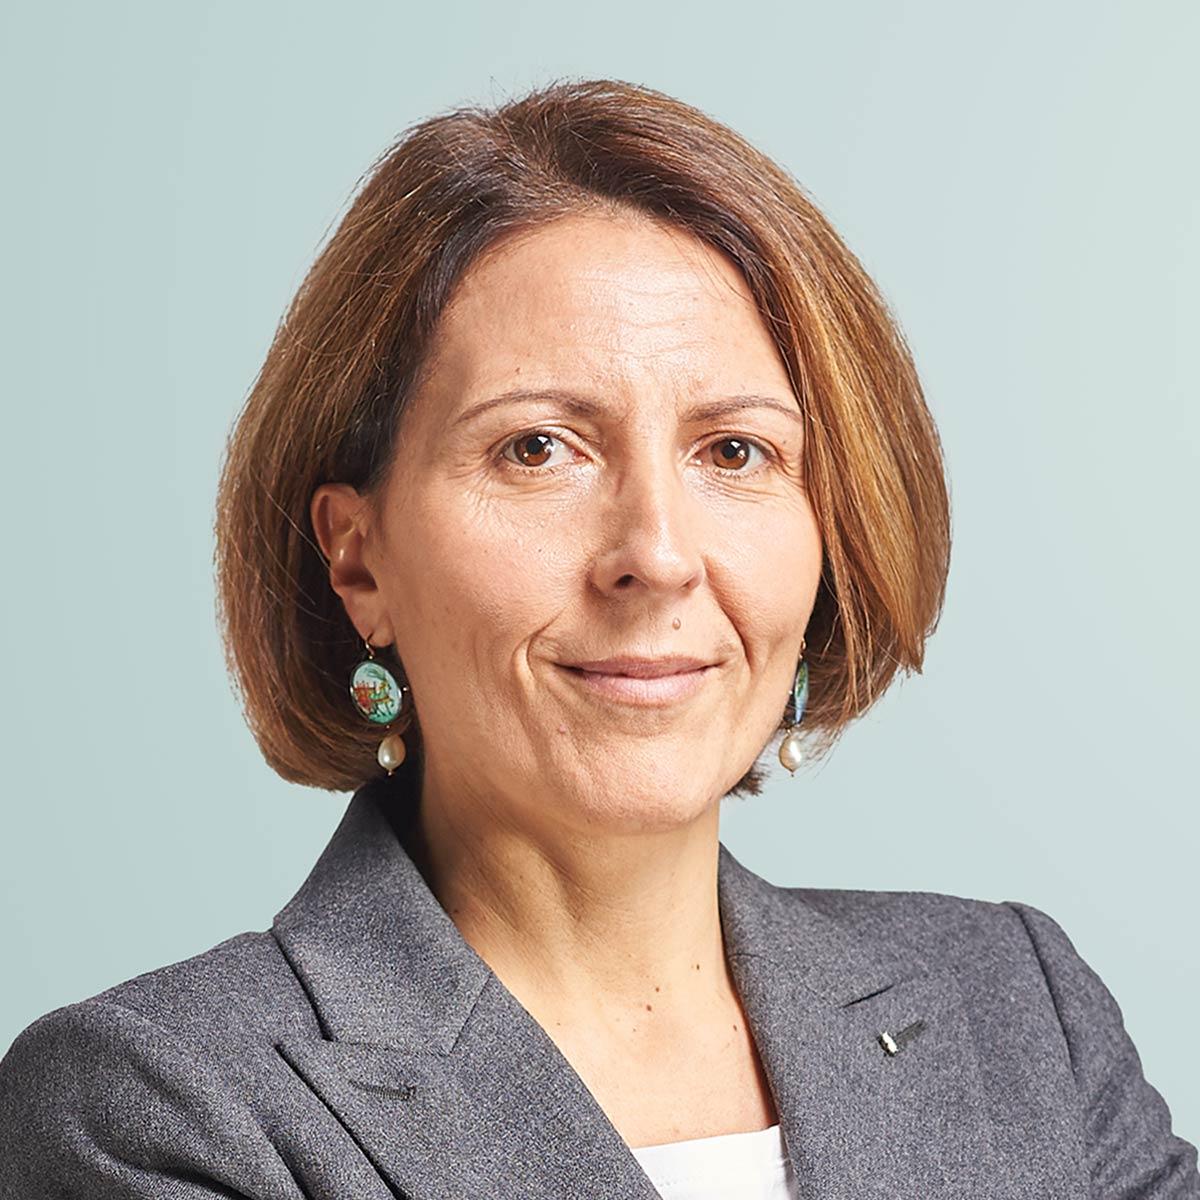 Rebecca Rimini